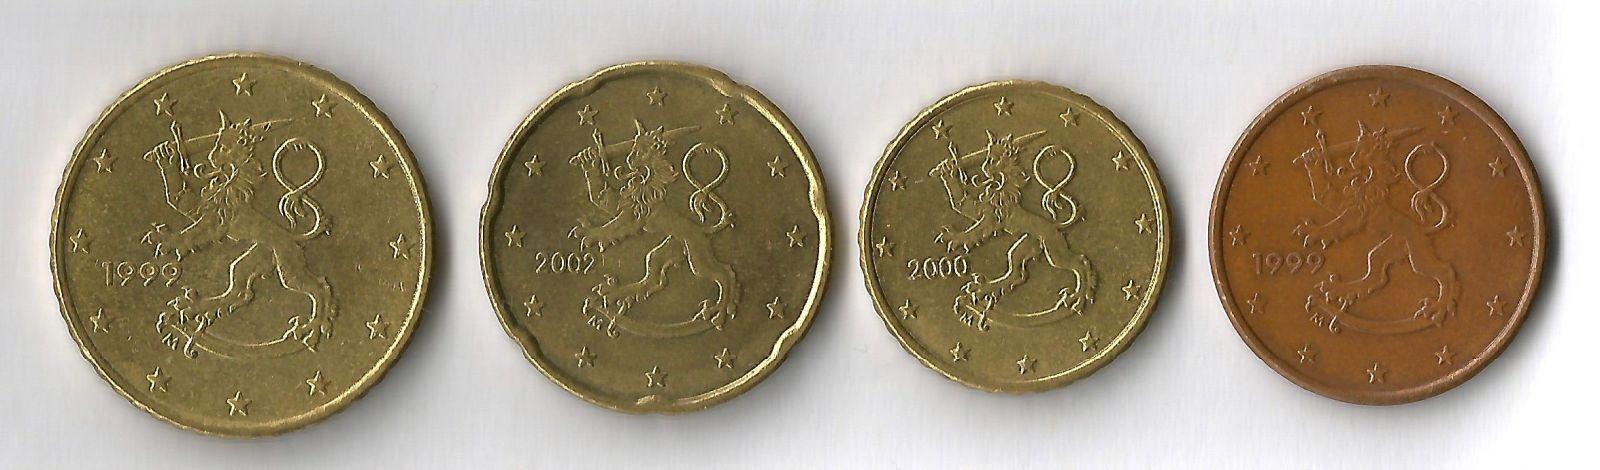 finlandia 50,20,10,5 cent